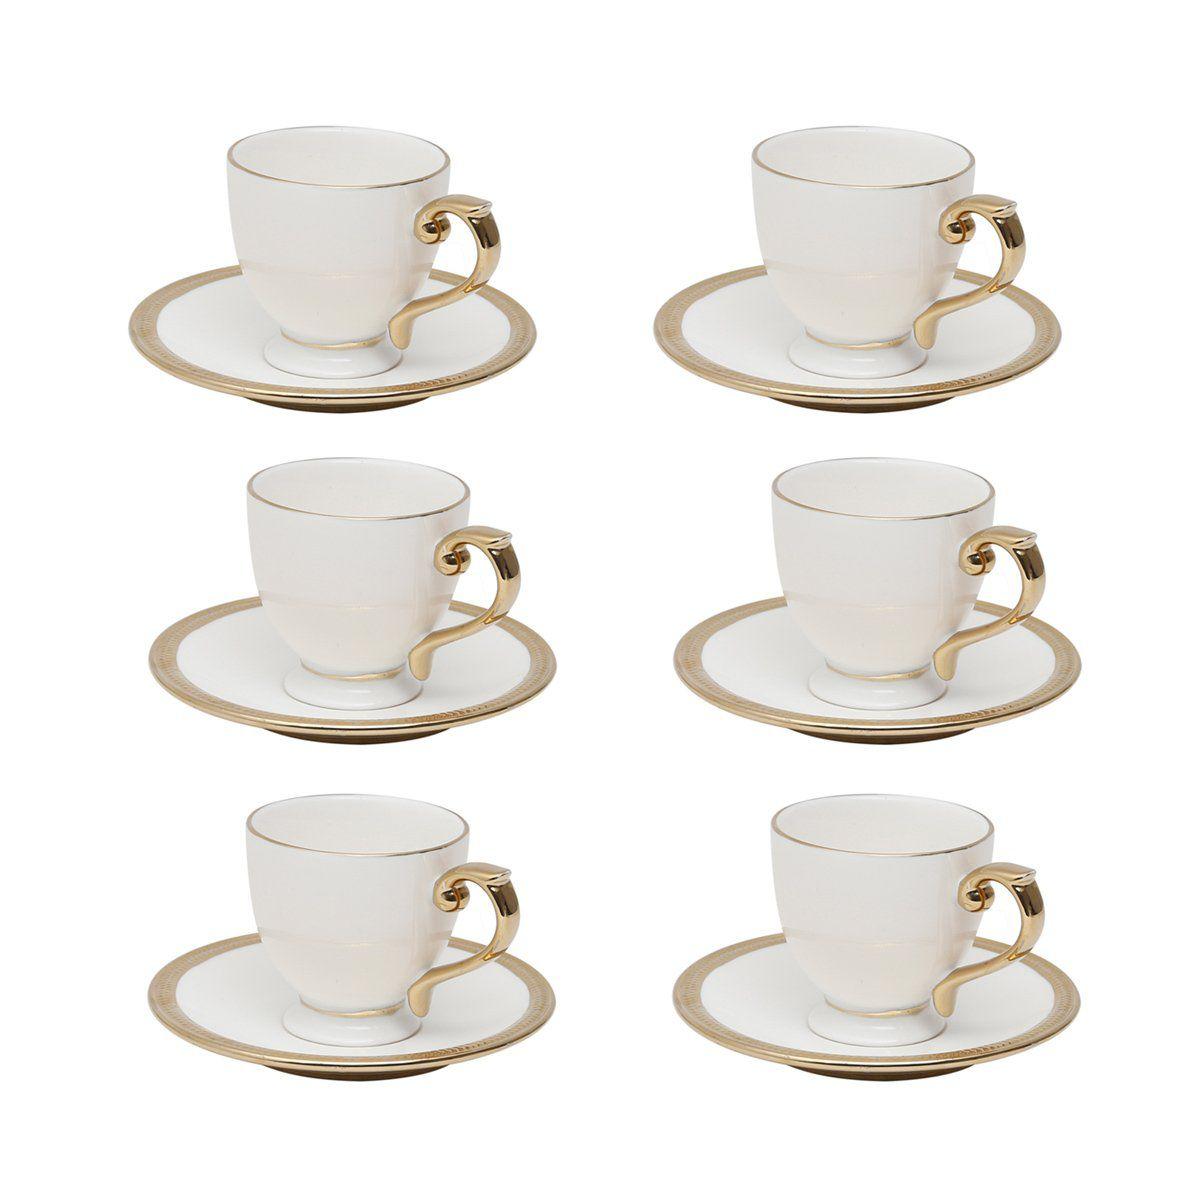 Jogo 6 xícaras 90ml para café de porcelana branca e dourado com pires Paddy Wolff - 25112